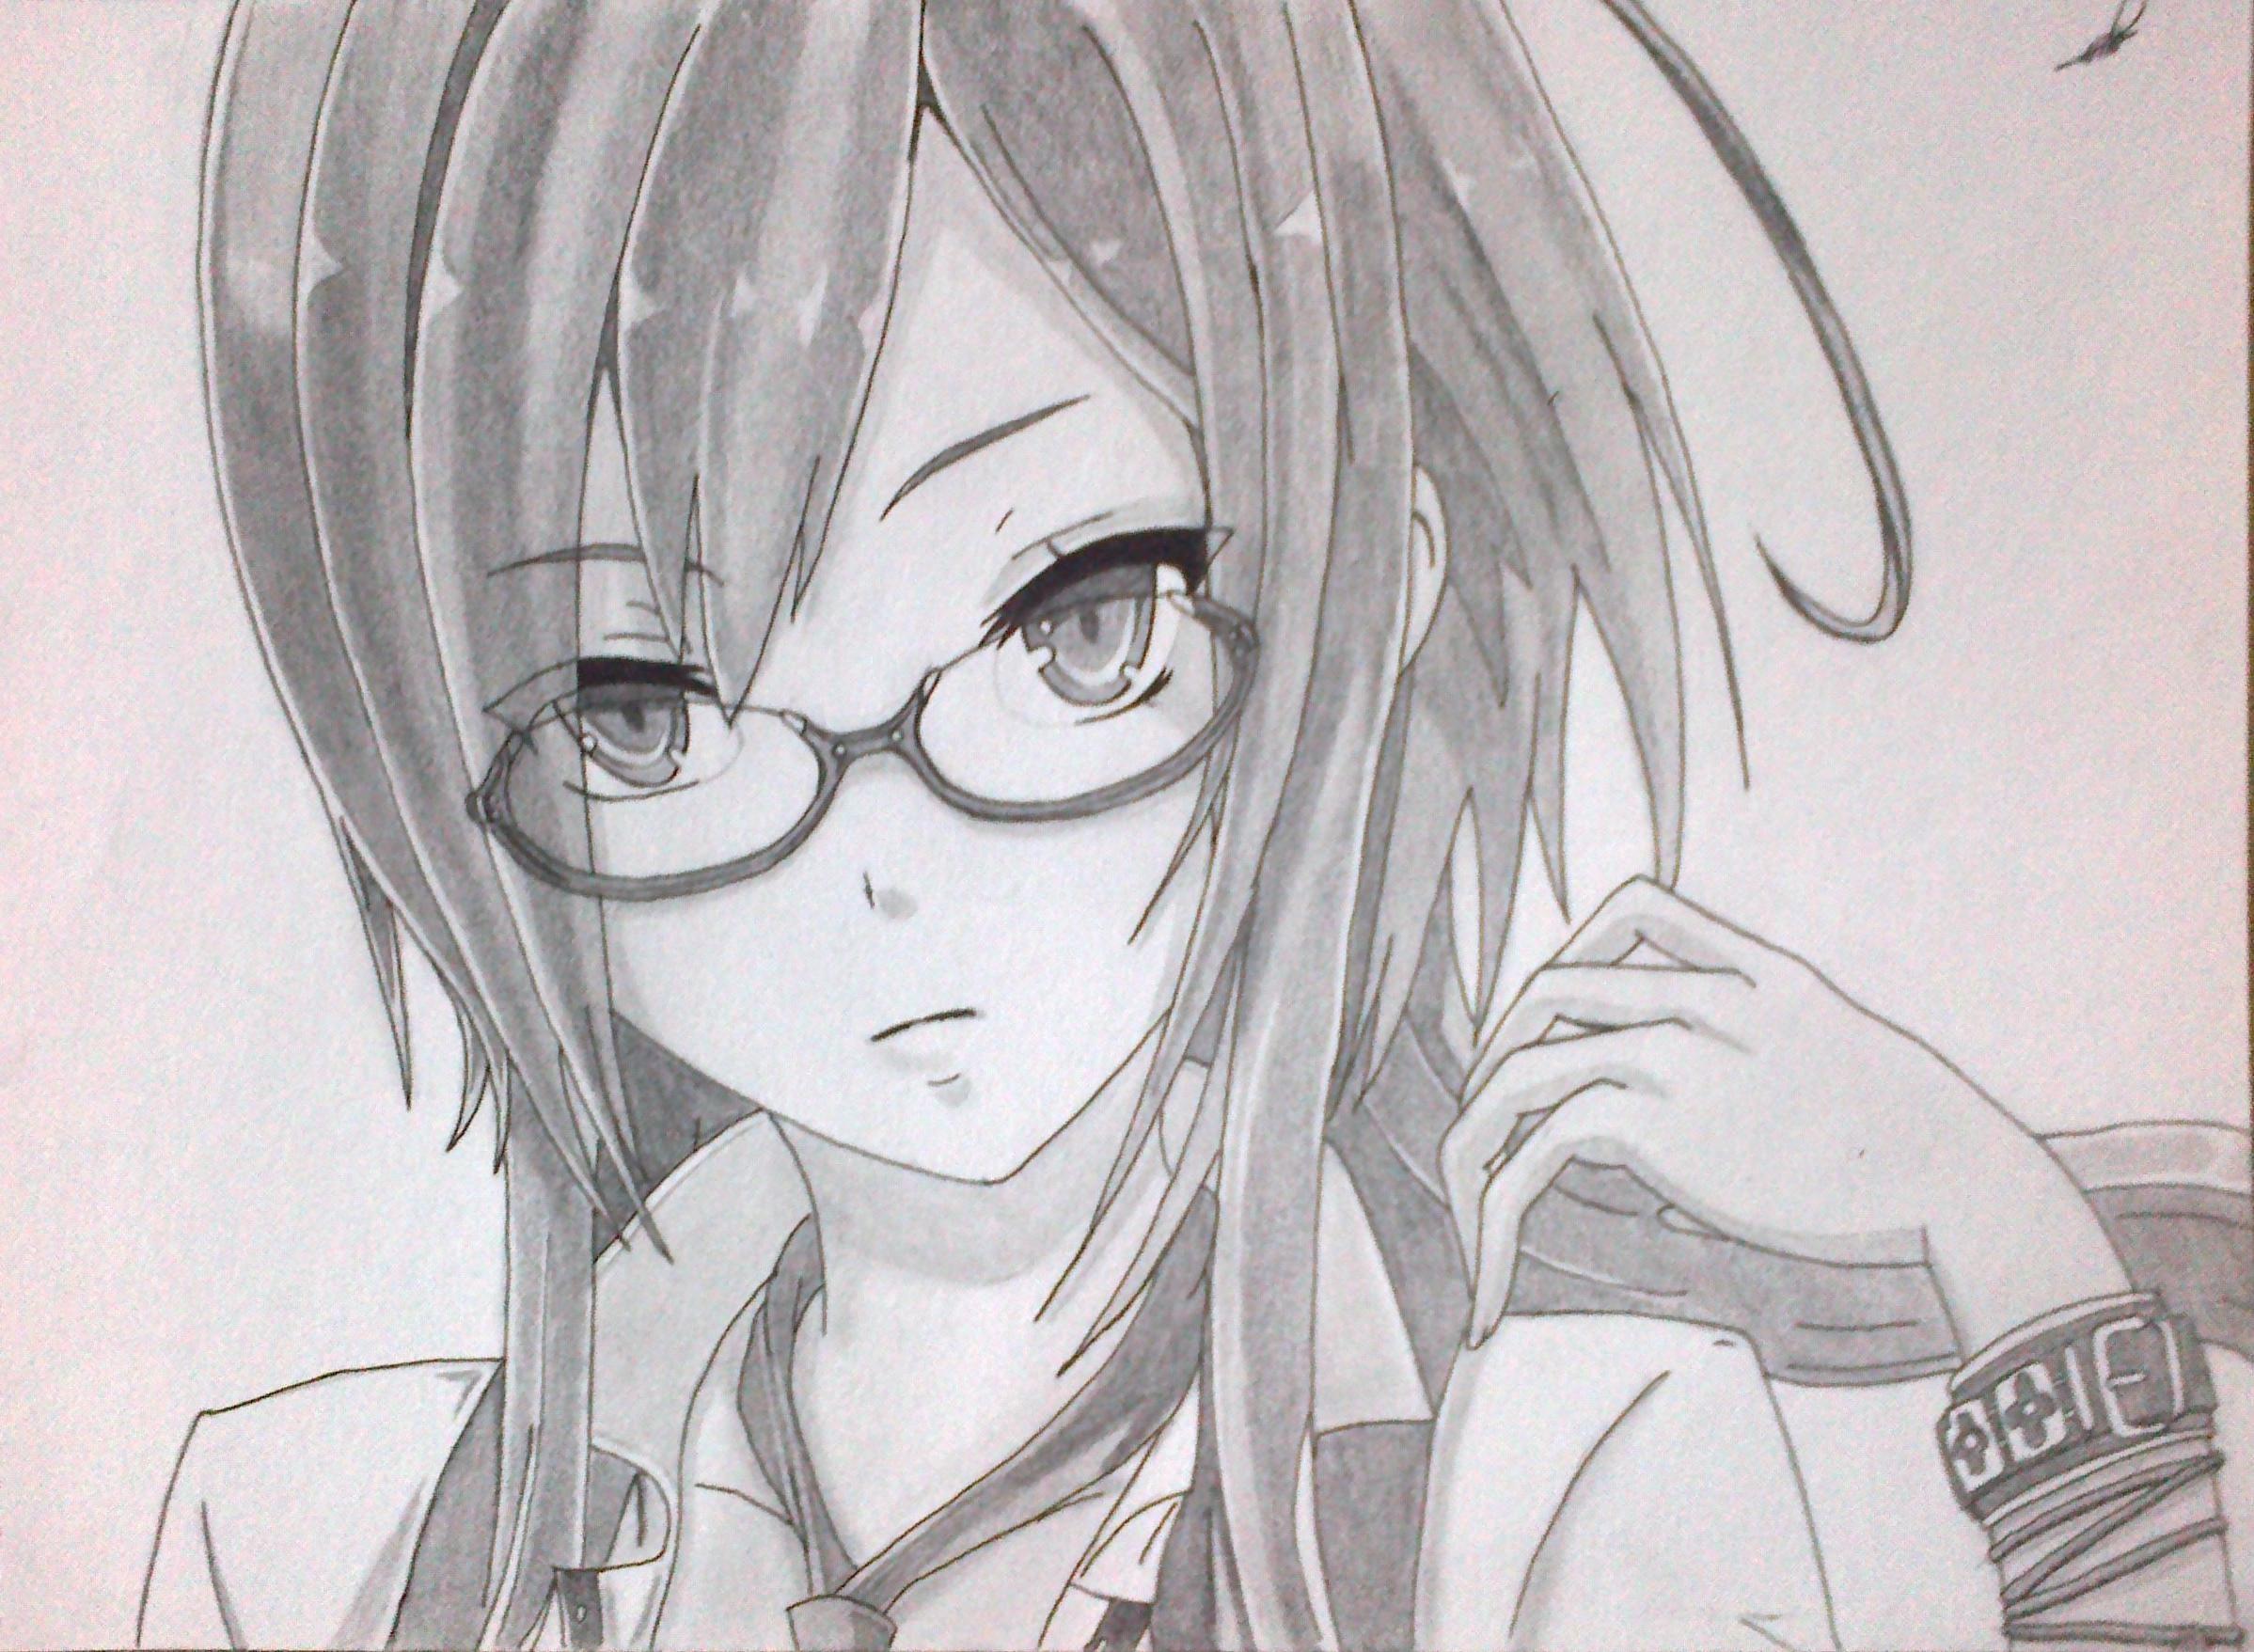 Dibujando Chica Estilo Anime Dibujos, Dibujo a lapiz